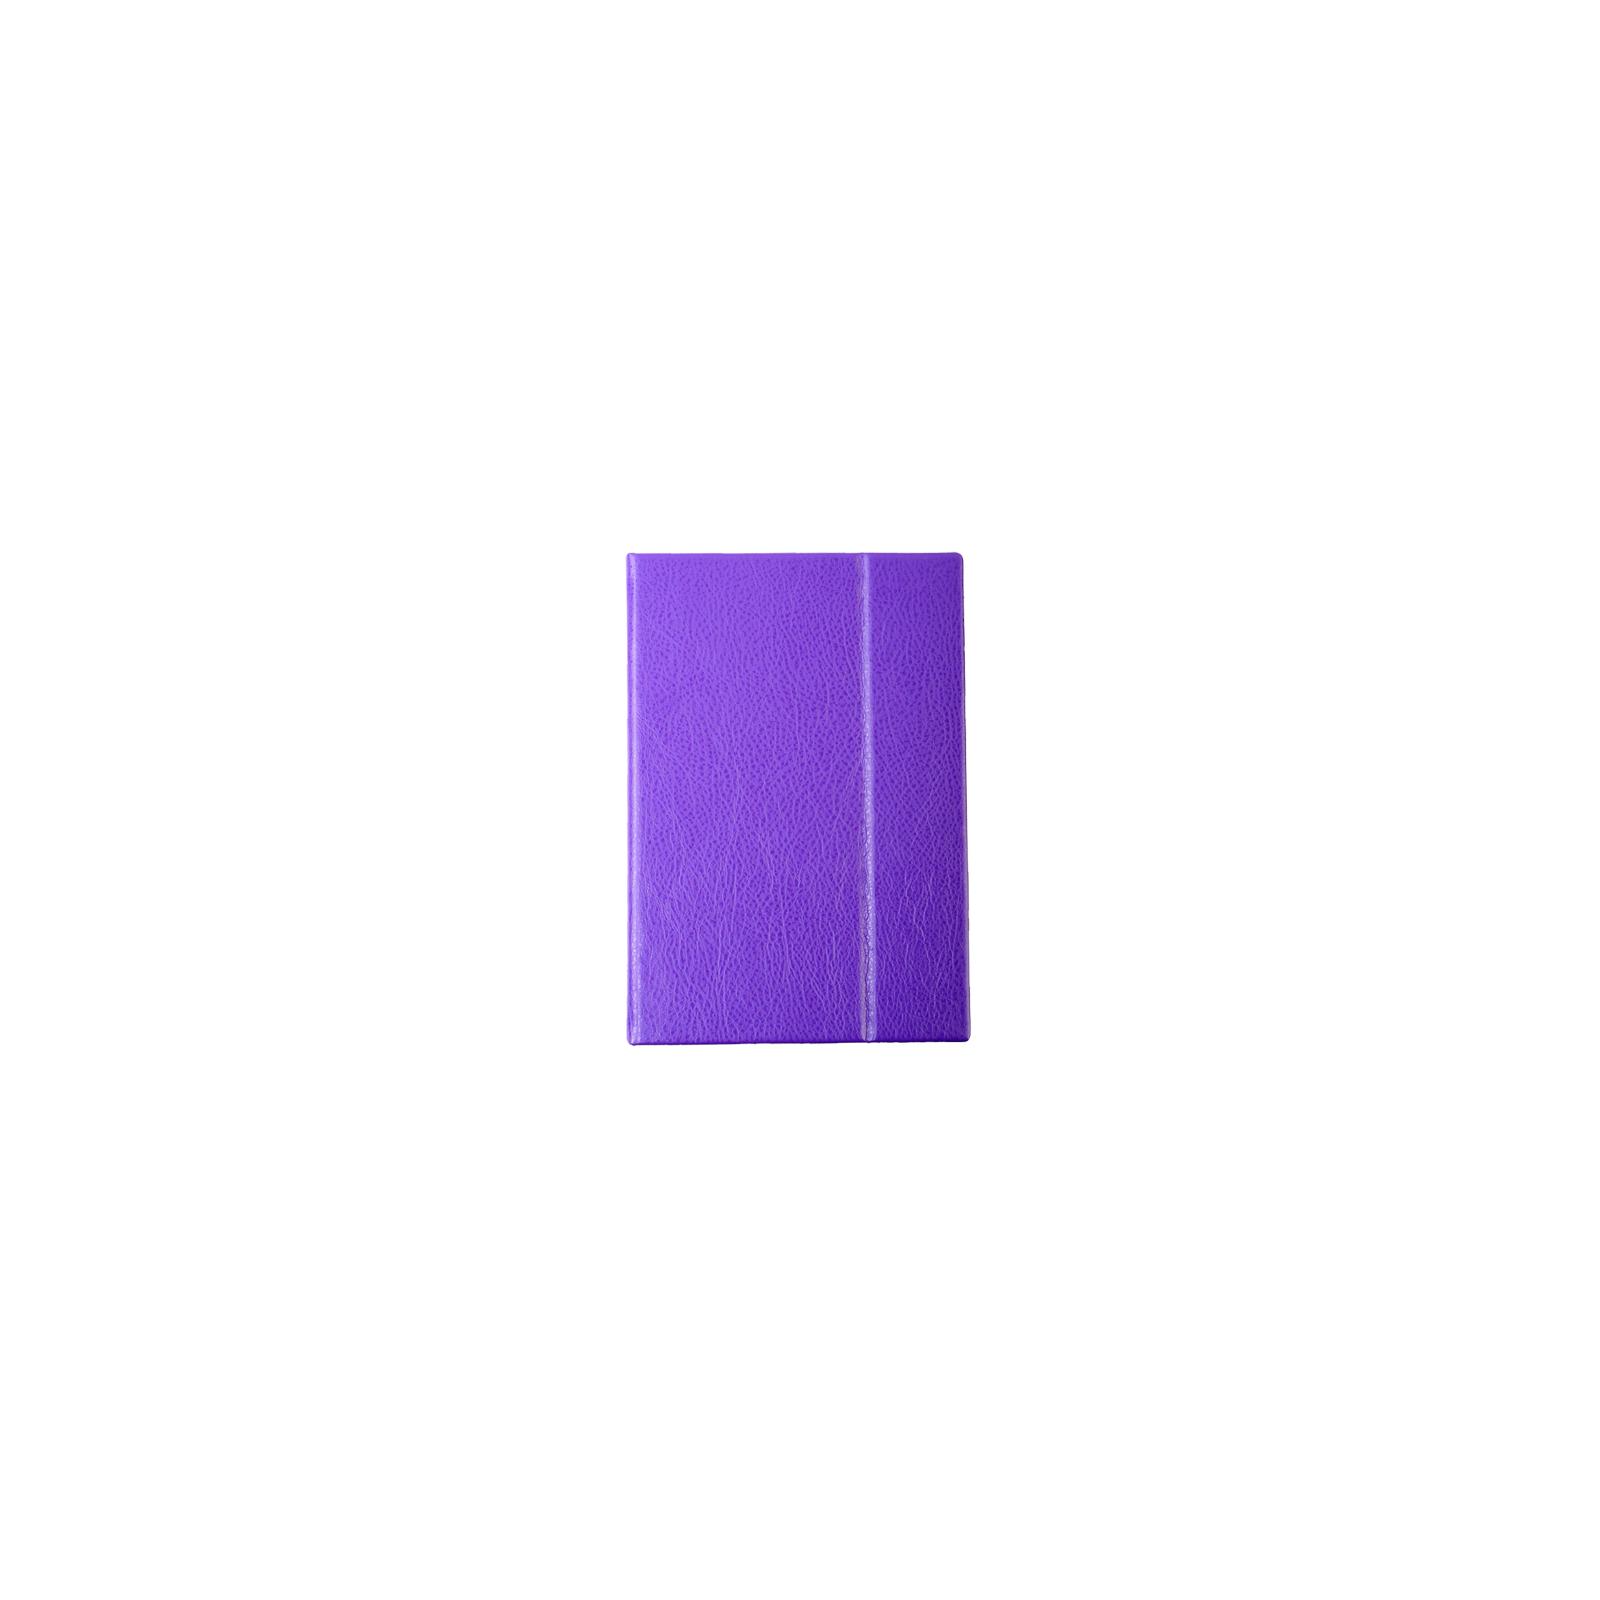 Чехол для планшета Vento 7 Desire Bright - purple изображение 2